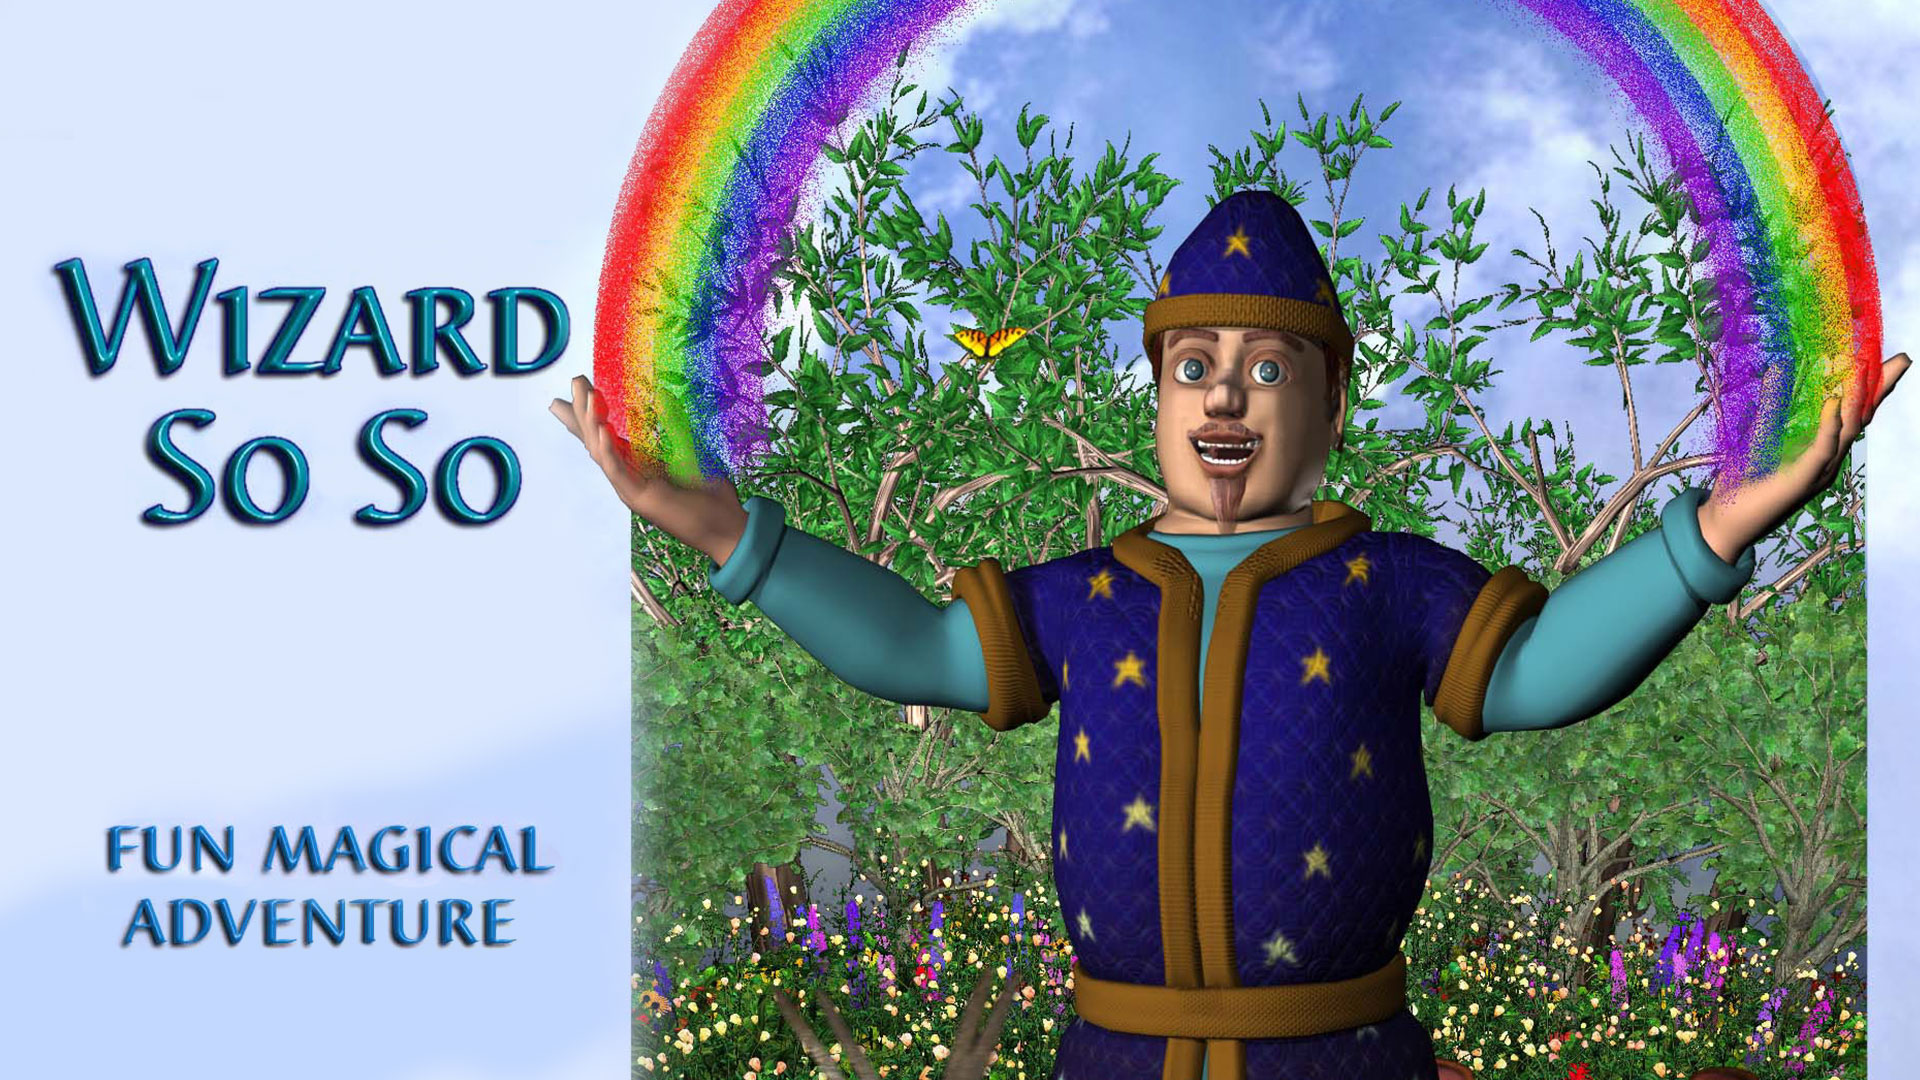 Wizard So So: Fun Magical Adventure